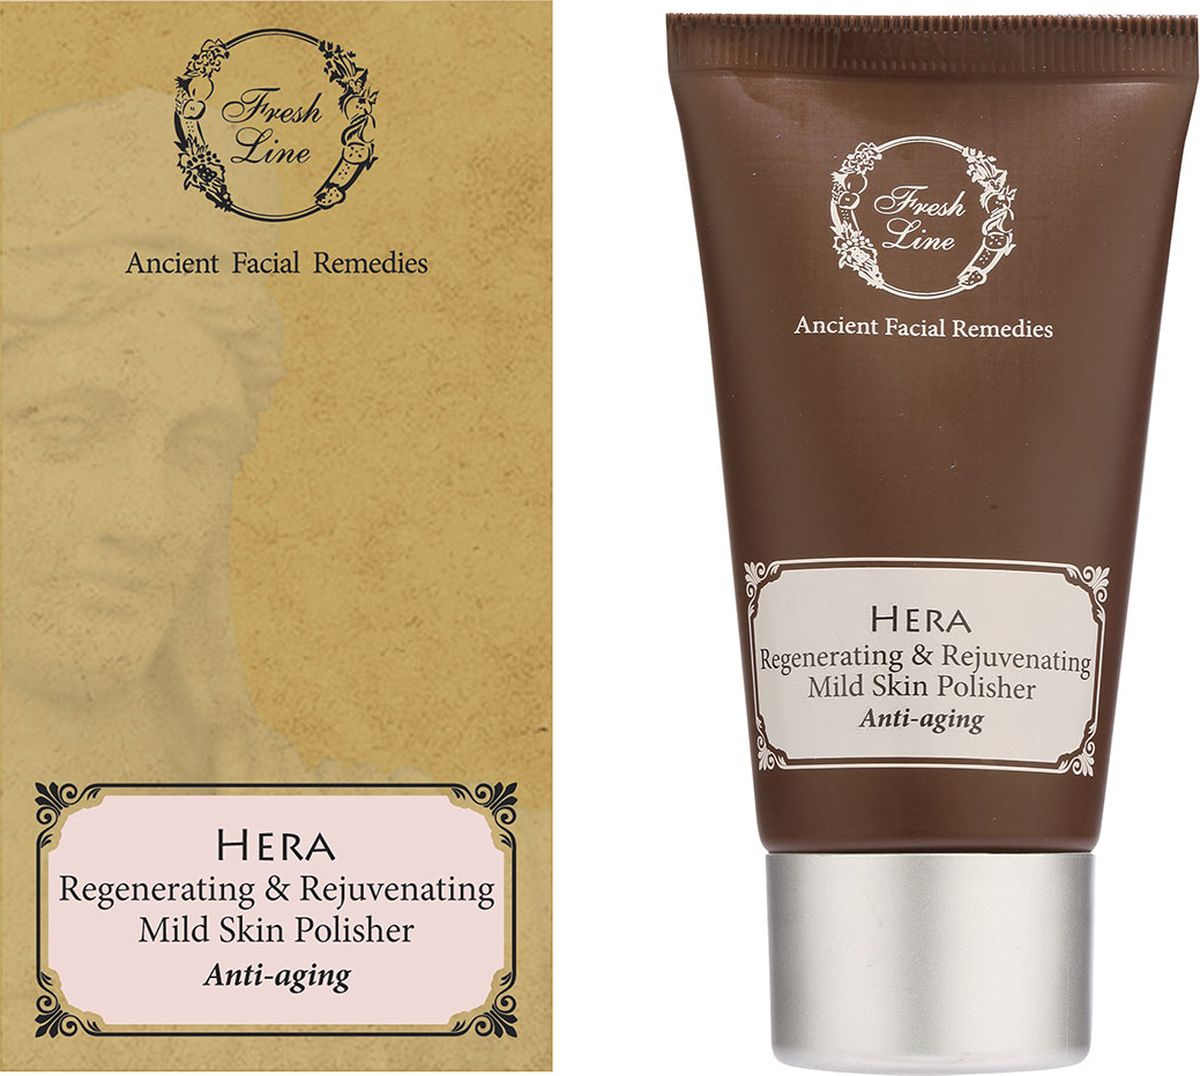 Fresh Line Скраб мягкий для лица Гера, 75 мл72523WDДеликатно удаляет омертвевшие клетки с поверхности кожи, не нарушая естественный уровень увлажненности. Создан на основе пудры виноградных косточек и мягких фруктовых кислот, которые сочетают в себе антиоксидантные и отшелушивающие свойства. Рекомендуется для деликатной и зрелой кожи, также идеально подойдет всем, кому требуется мягкое отшелушивание.